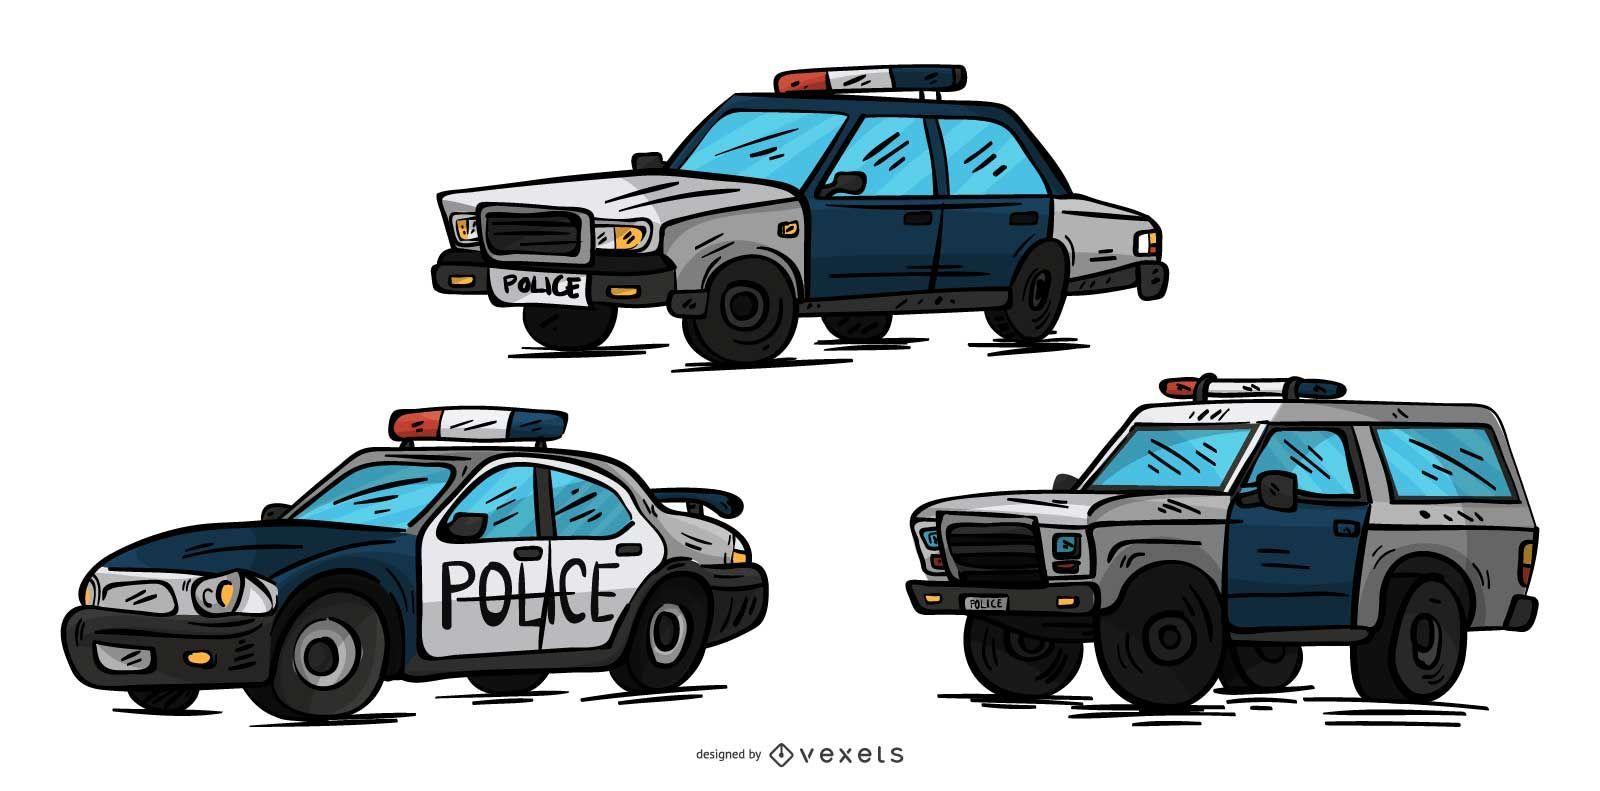 Police Cars Illustration Set